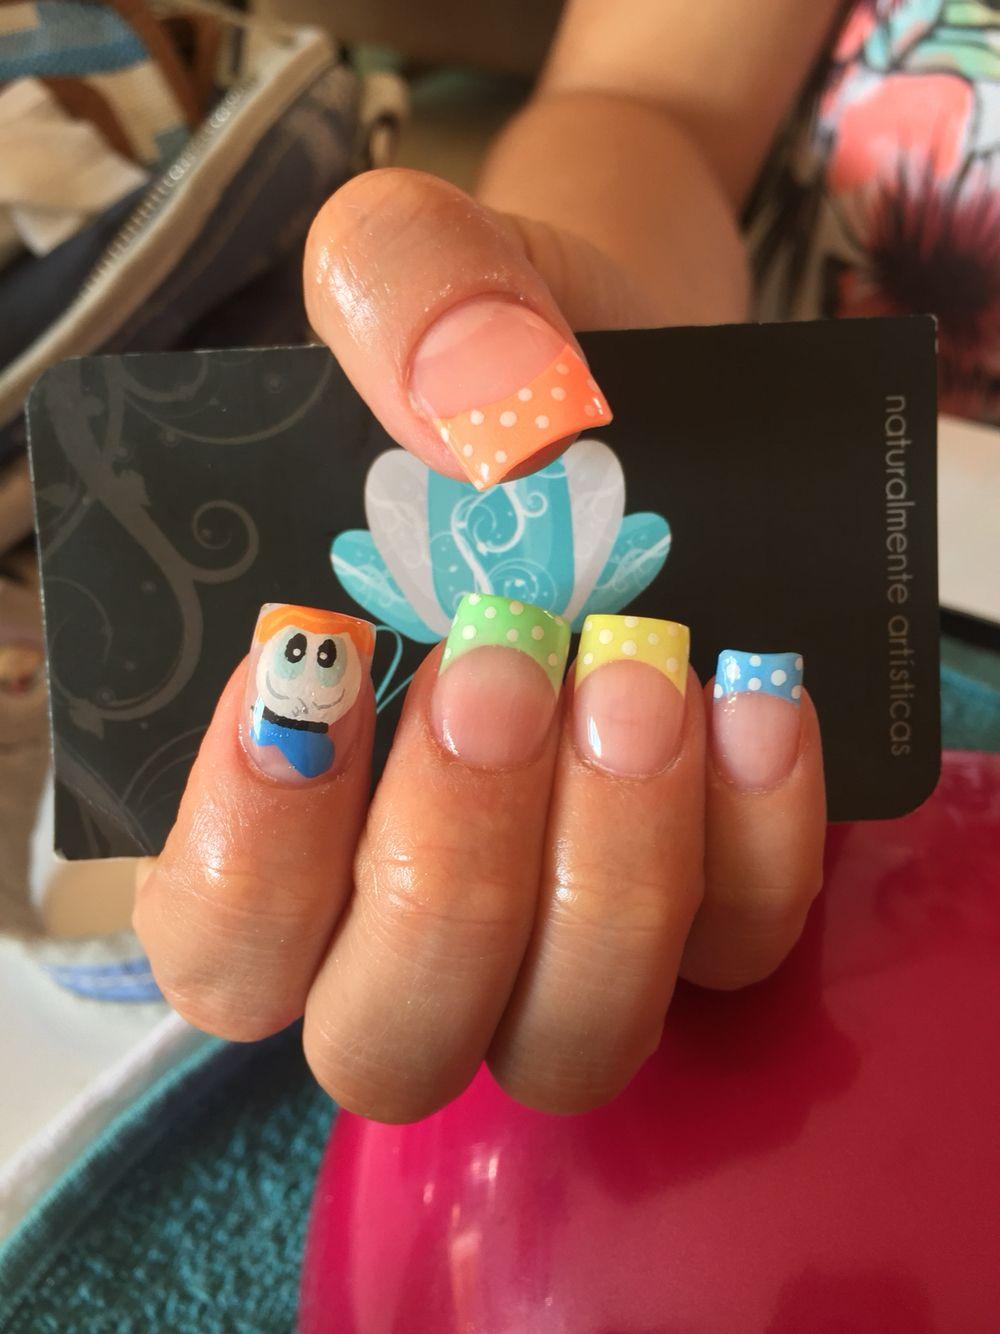 Acrylic Nails Nails Art Nails Donald Nails With Images Nails Disney Nails Fashion Nails